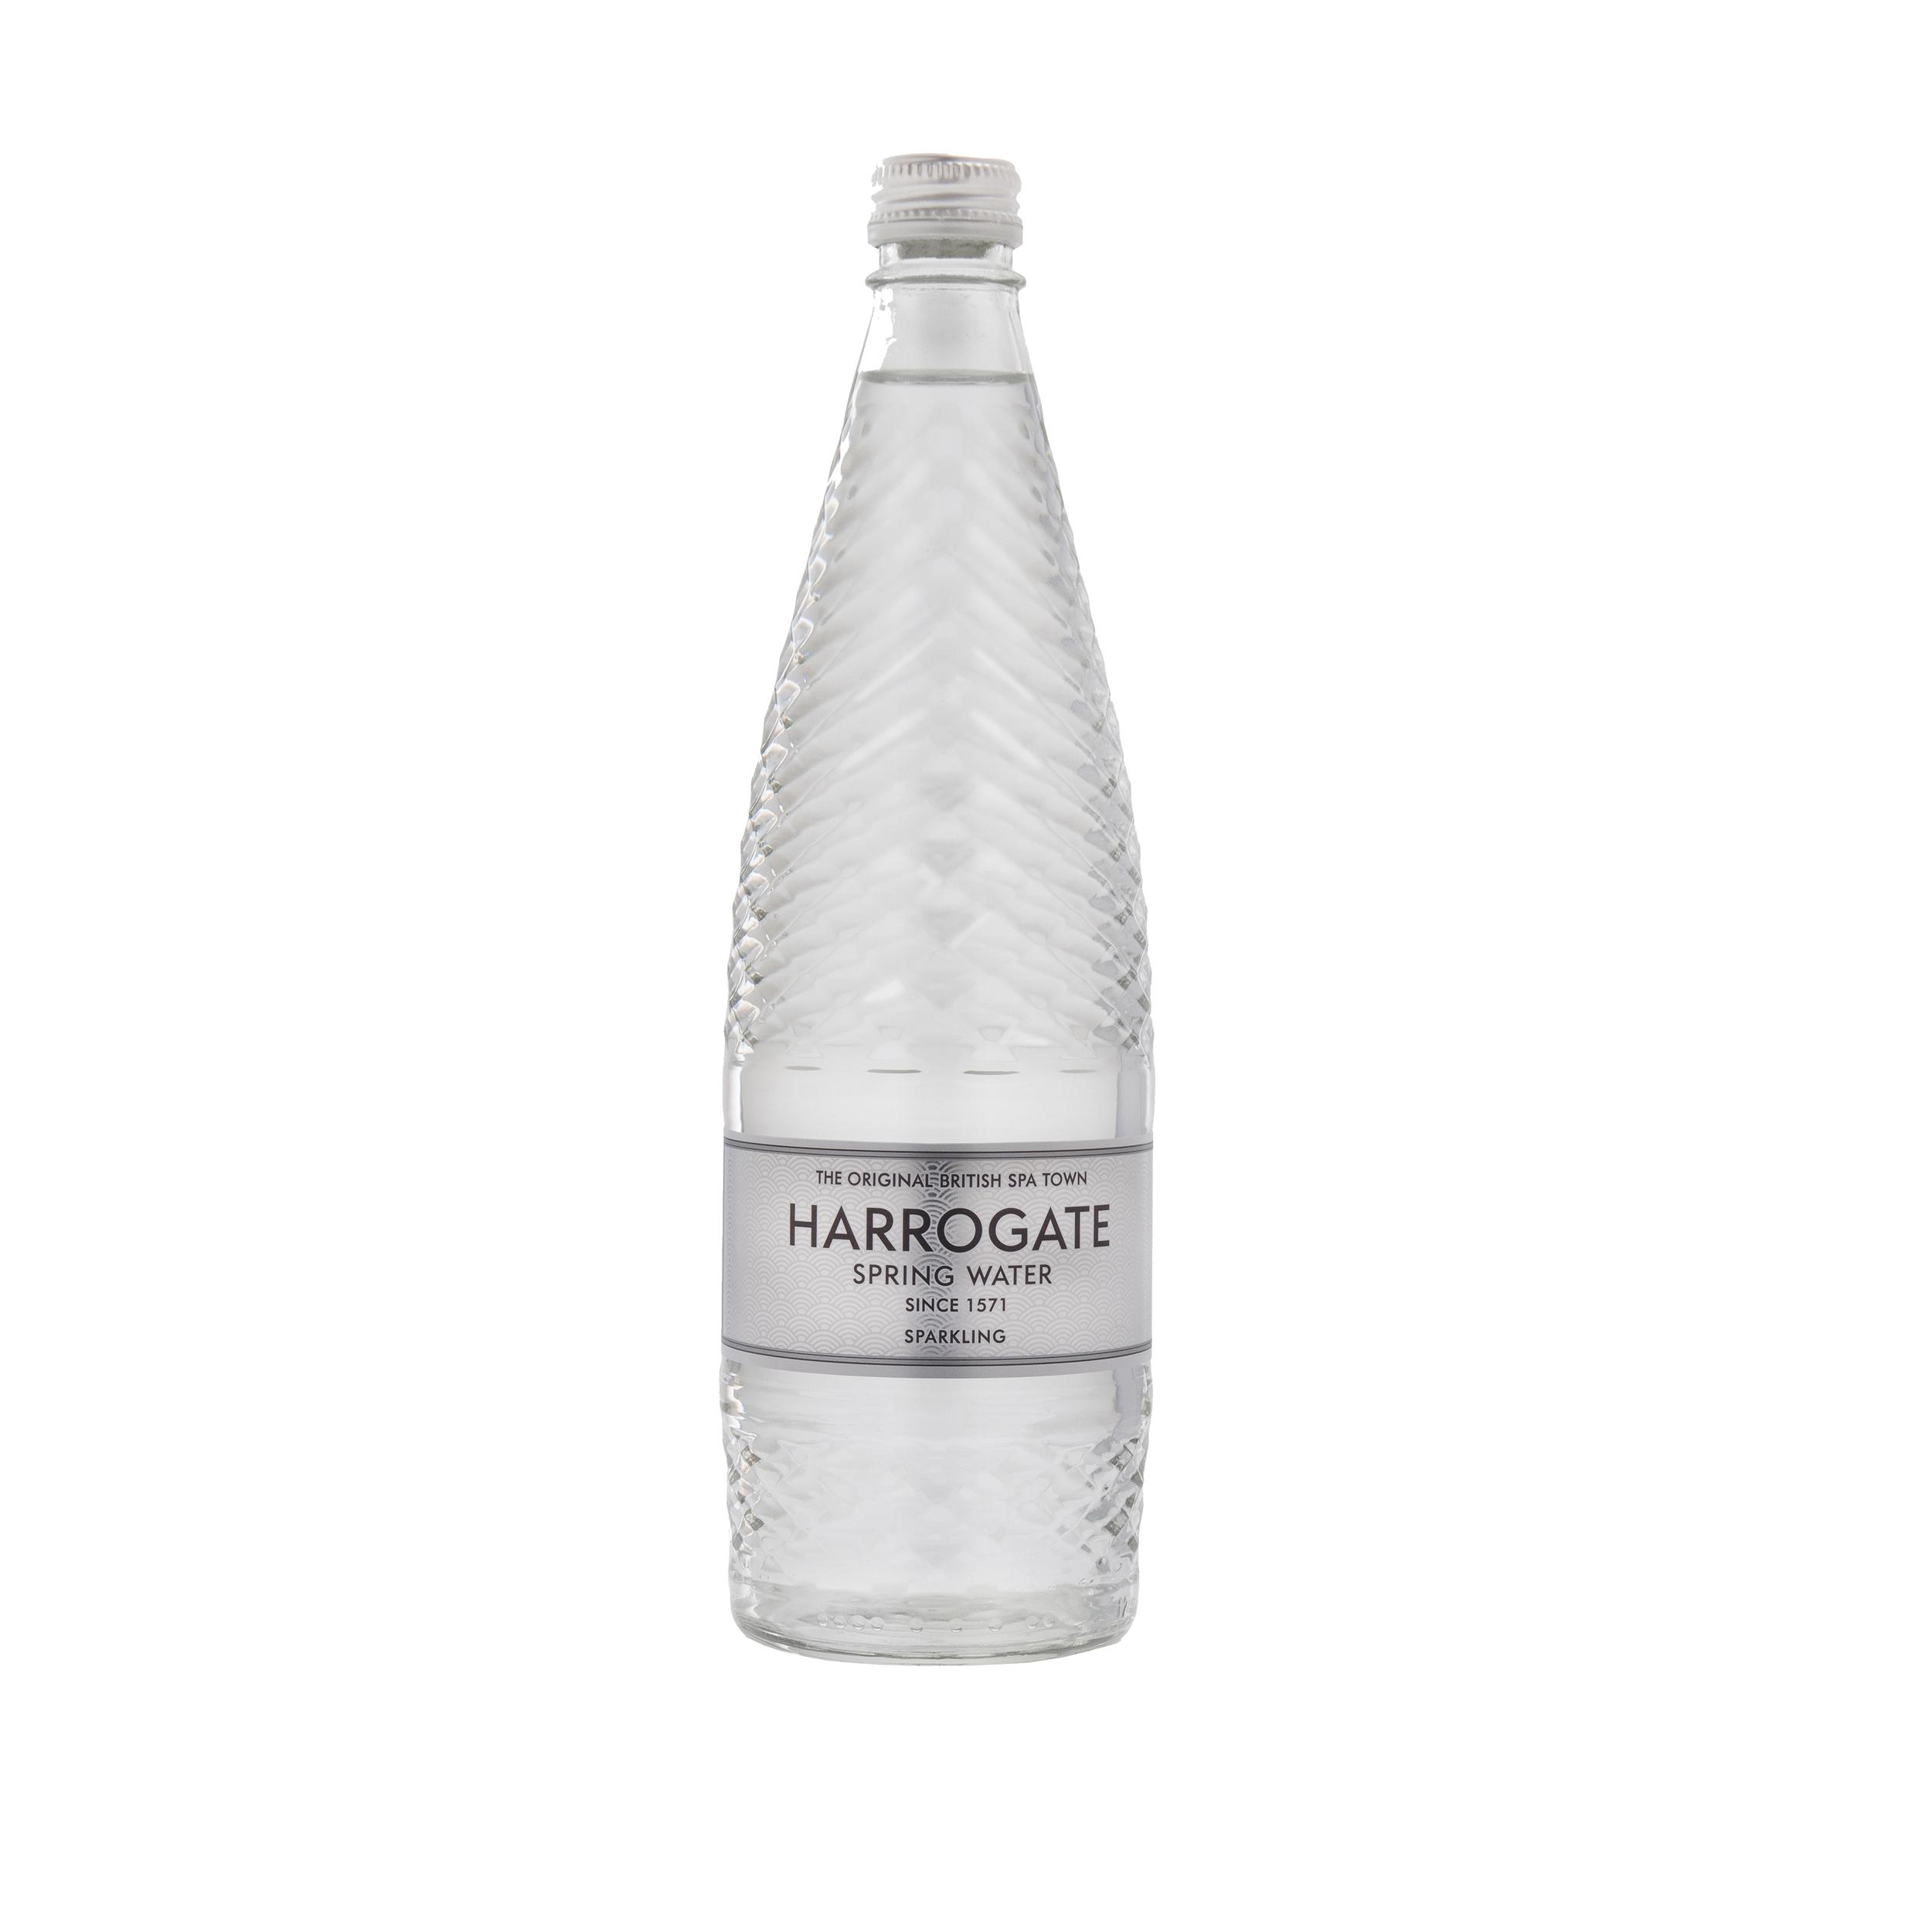 Harrogate Sparkling Water Glass Bottle 750ml Ref P750122C [Pack 12]